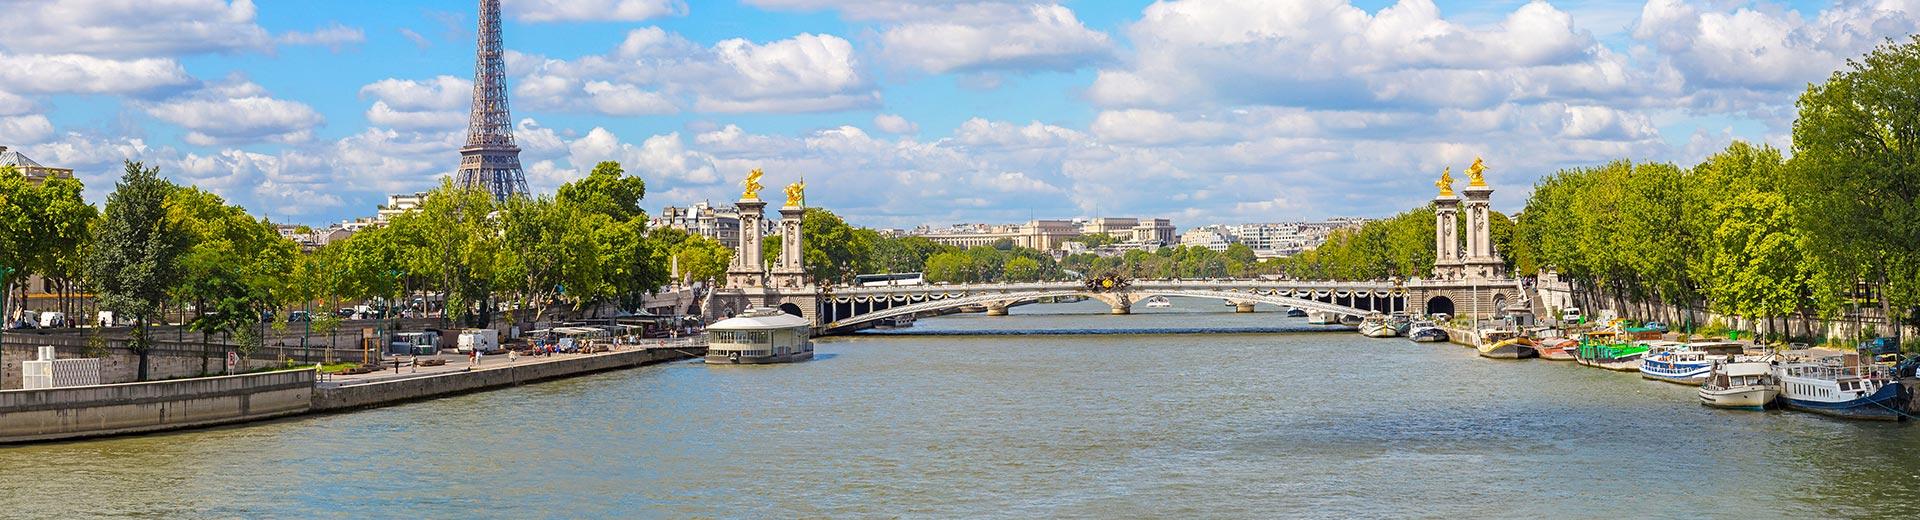 Voyages en groupe Paris - offre économique train